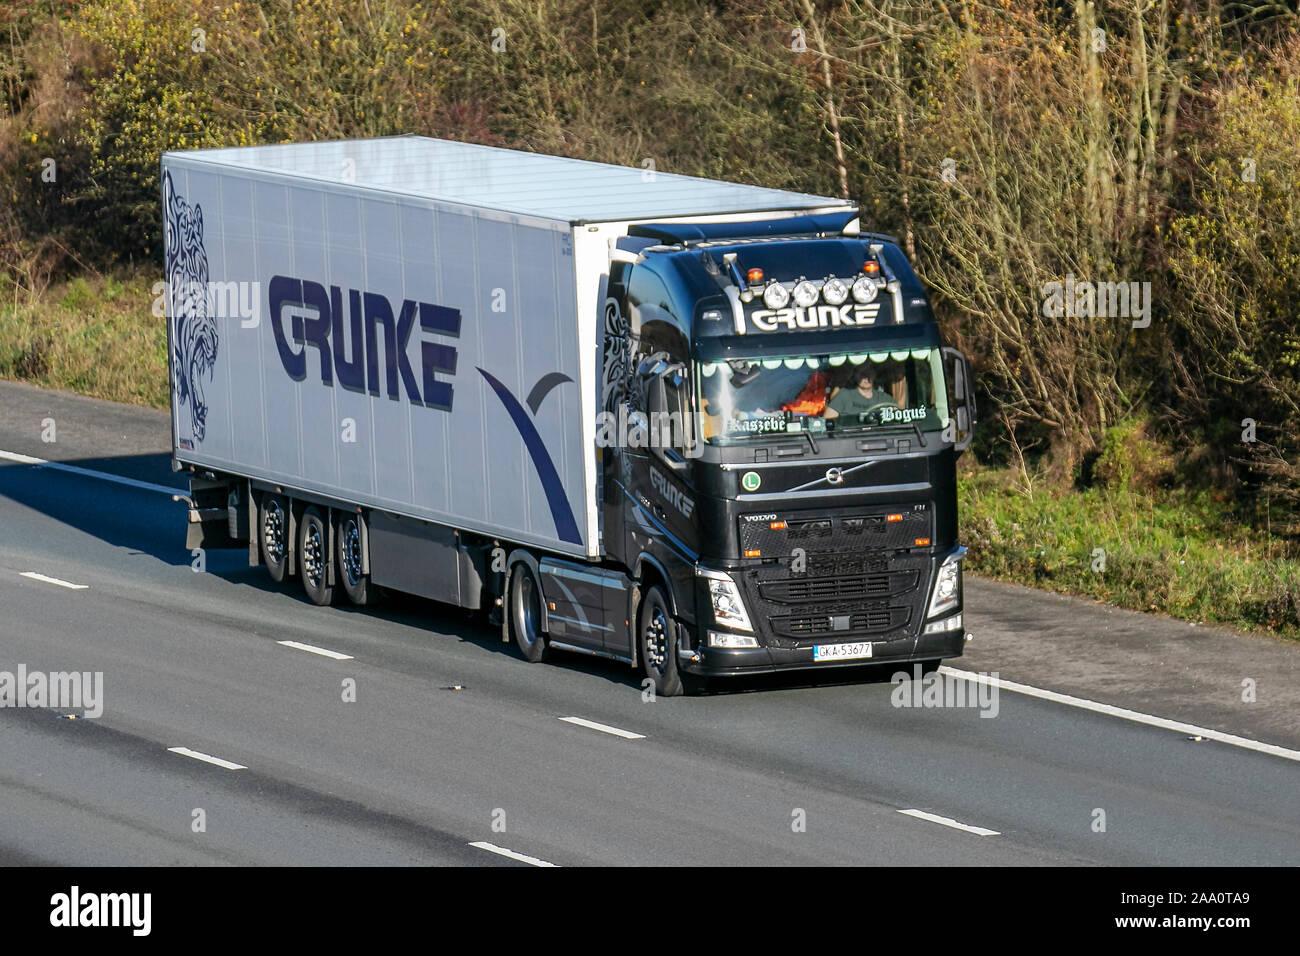 Grunke Polnischen Speditions-Lkw, Lkw, Transport, Lastwagen, Cargo Carrier, Volvo Fahrzeug, Lieferung, den gewerblichen Verkehr, Industrie, auf der M61 Manchester, Großbritannien Stockfoto